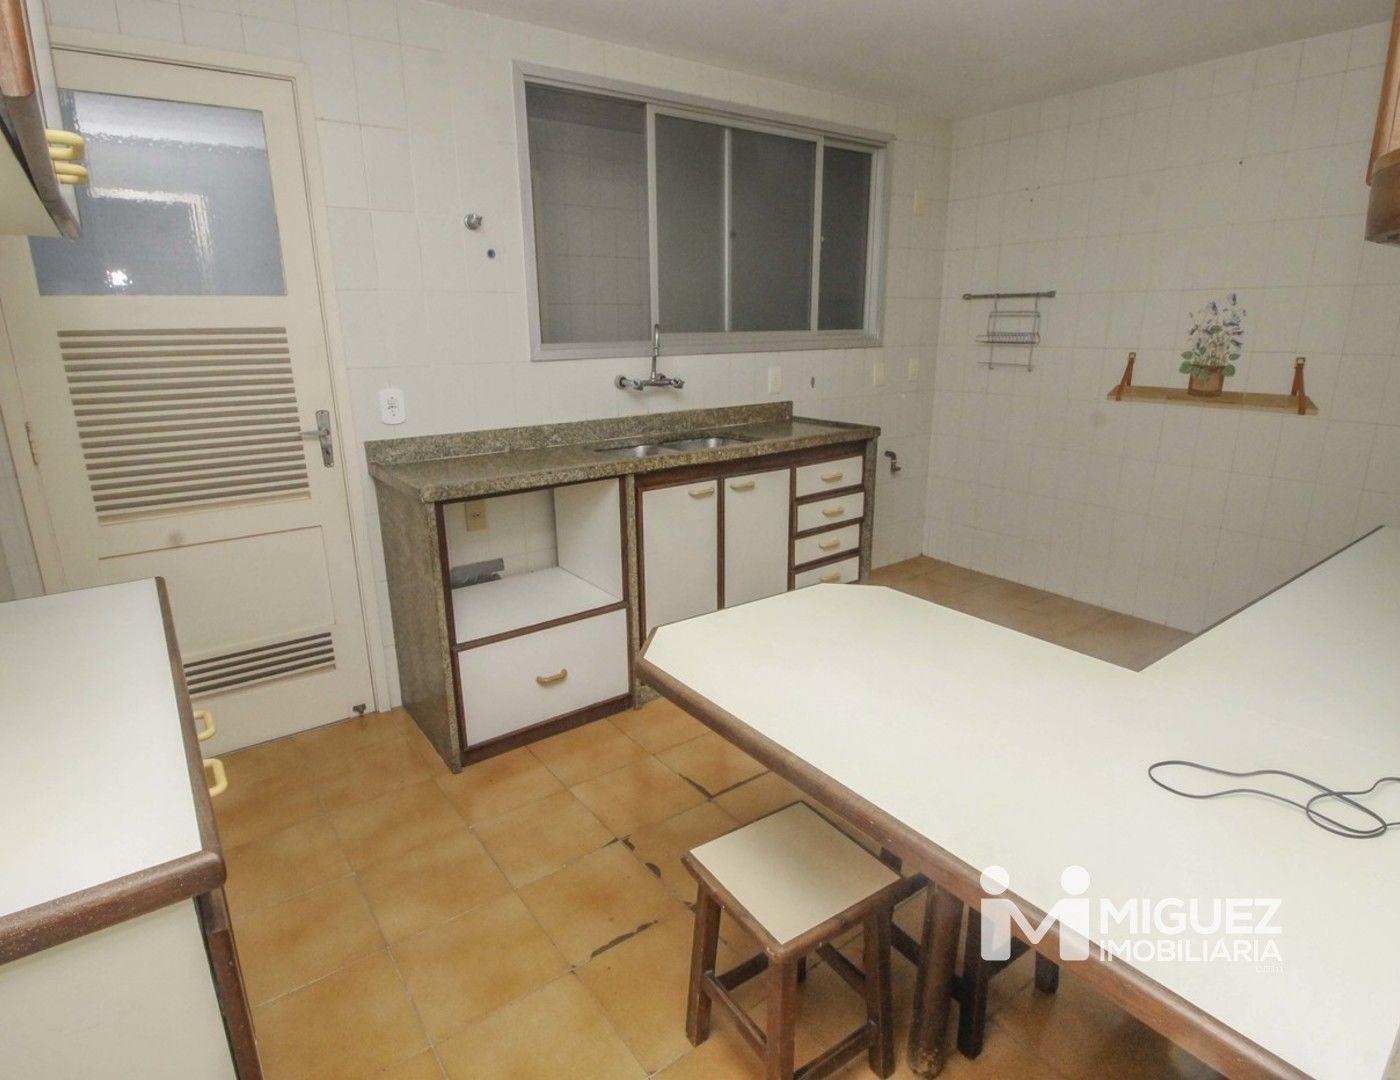 Apartamento, aluguel, Rua Pinto Guedes - Tijuca , Rio de janeiro